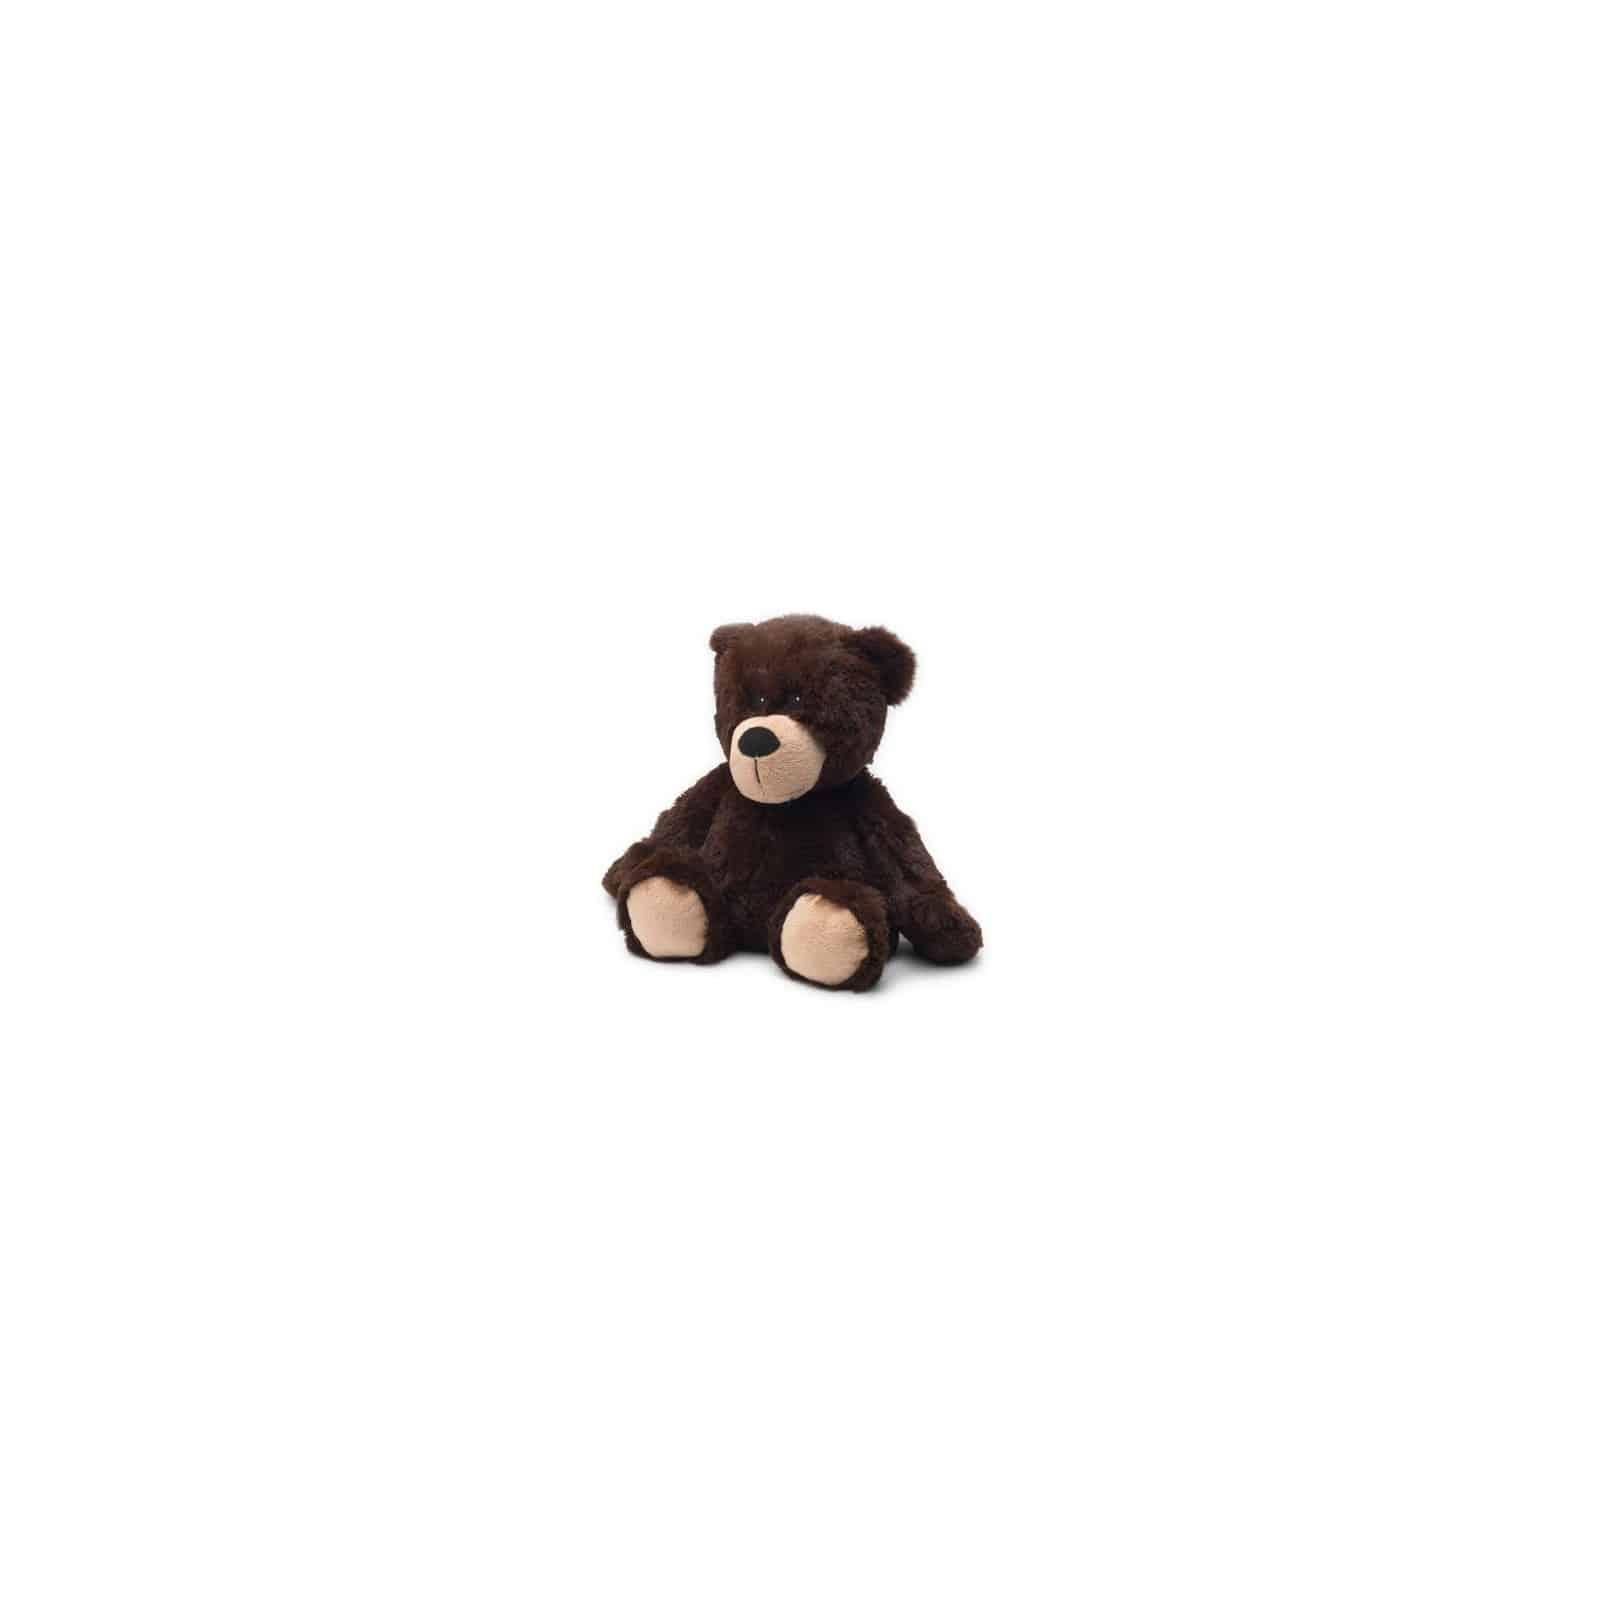 955cda46426ab INTELEX - Cozy peluche bouillote sèche - micro-onde